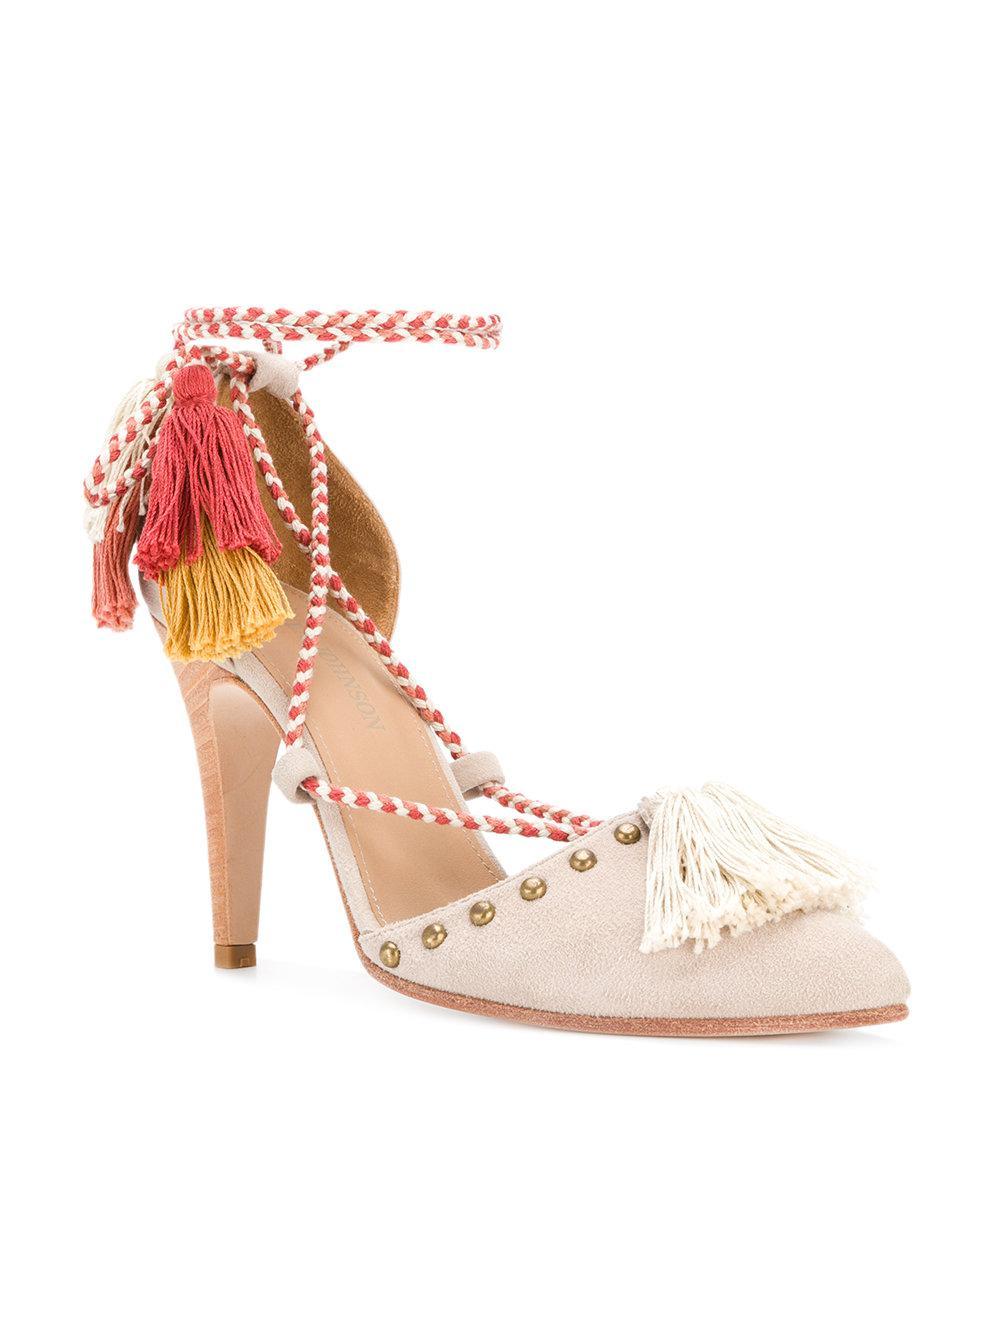 Valentina court shoes - Nude & Neutrals Ulla Johnson tZ0bkf0